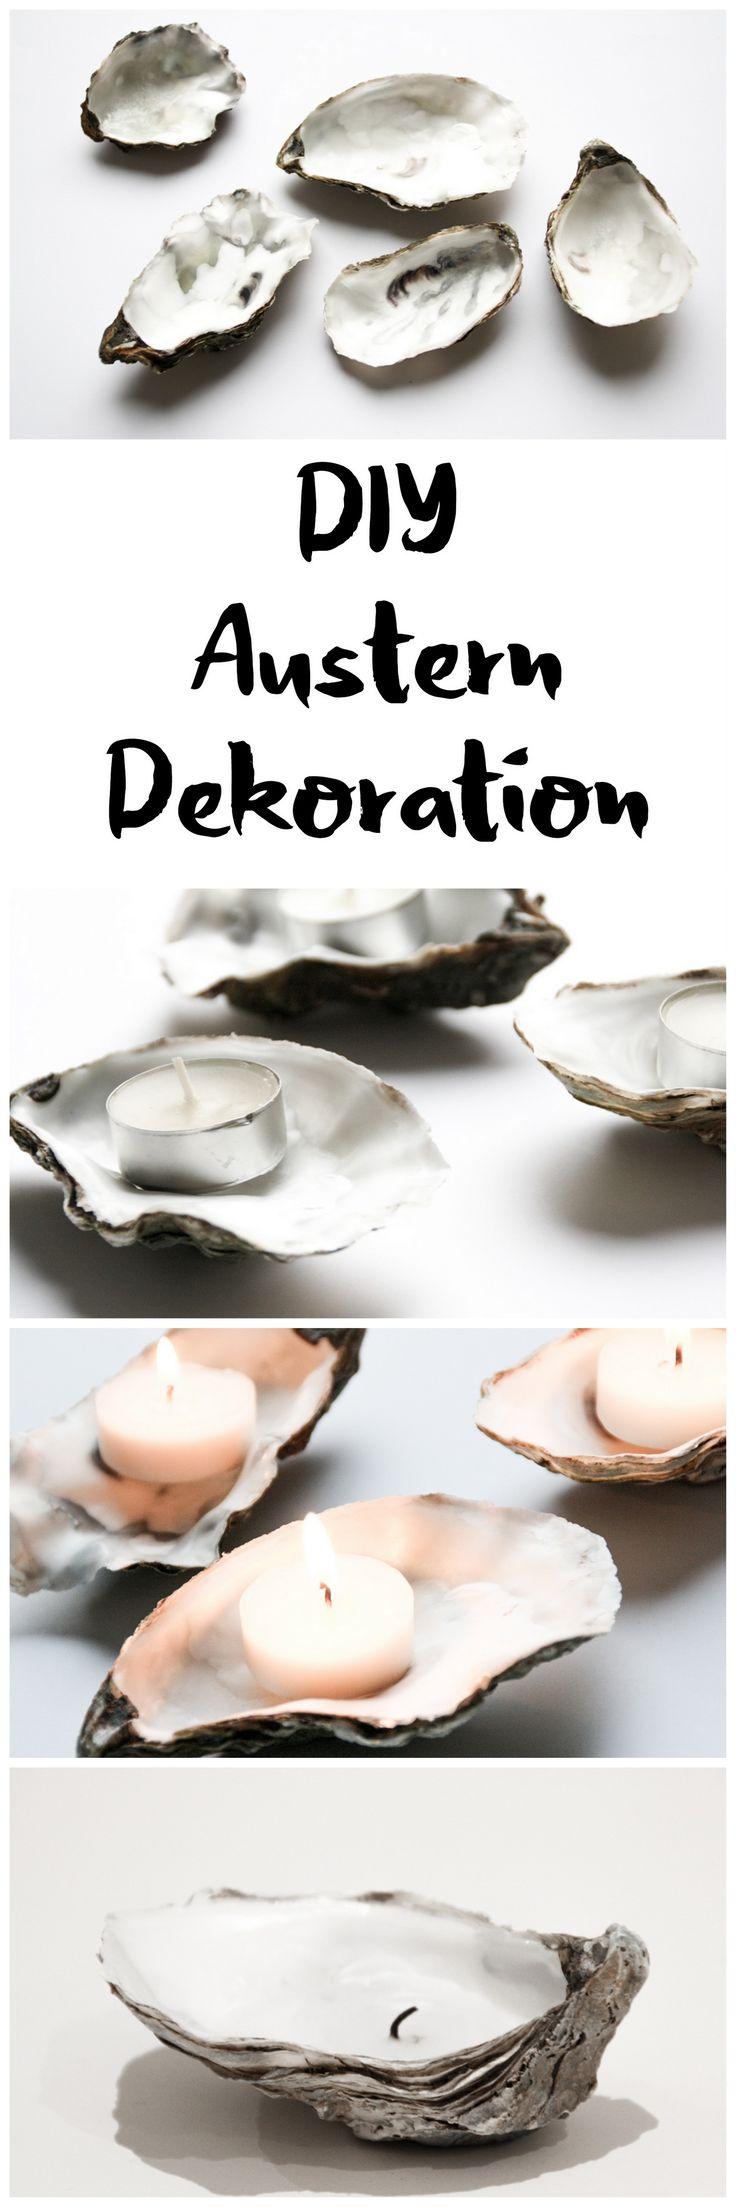 DIY edle Silvester Deko mit Austern Schalen vom Weihnachtsessen als Teelicht Kerze || DIY oyster upcycling tealight